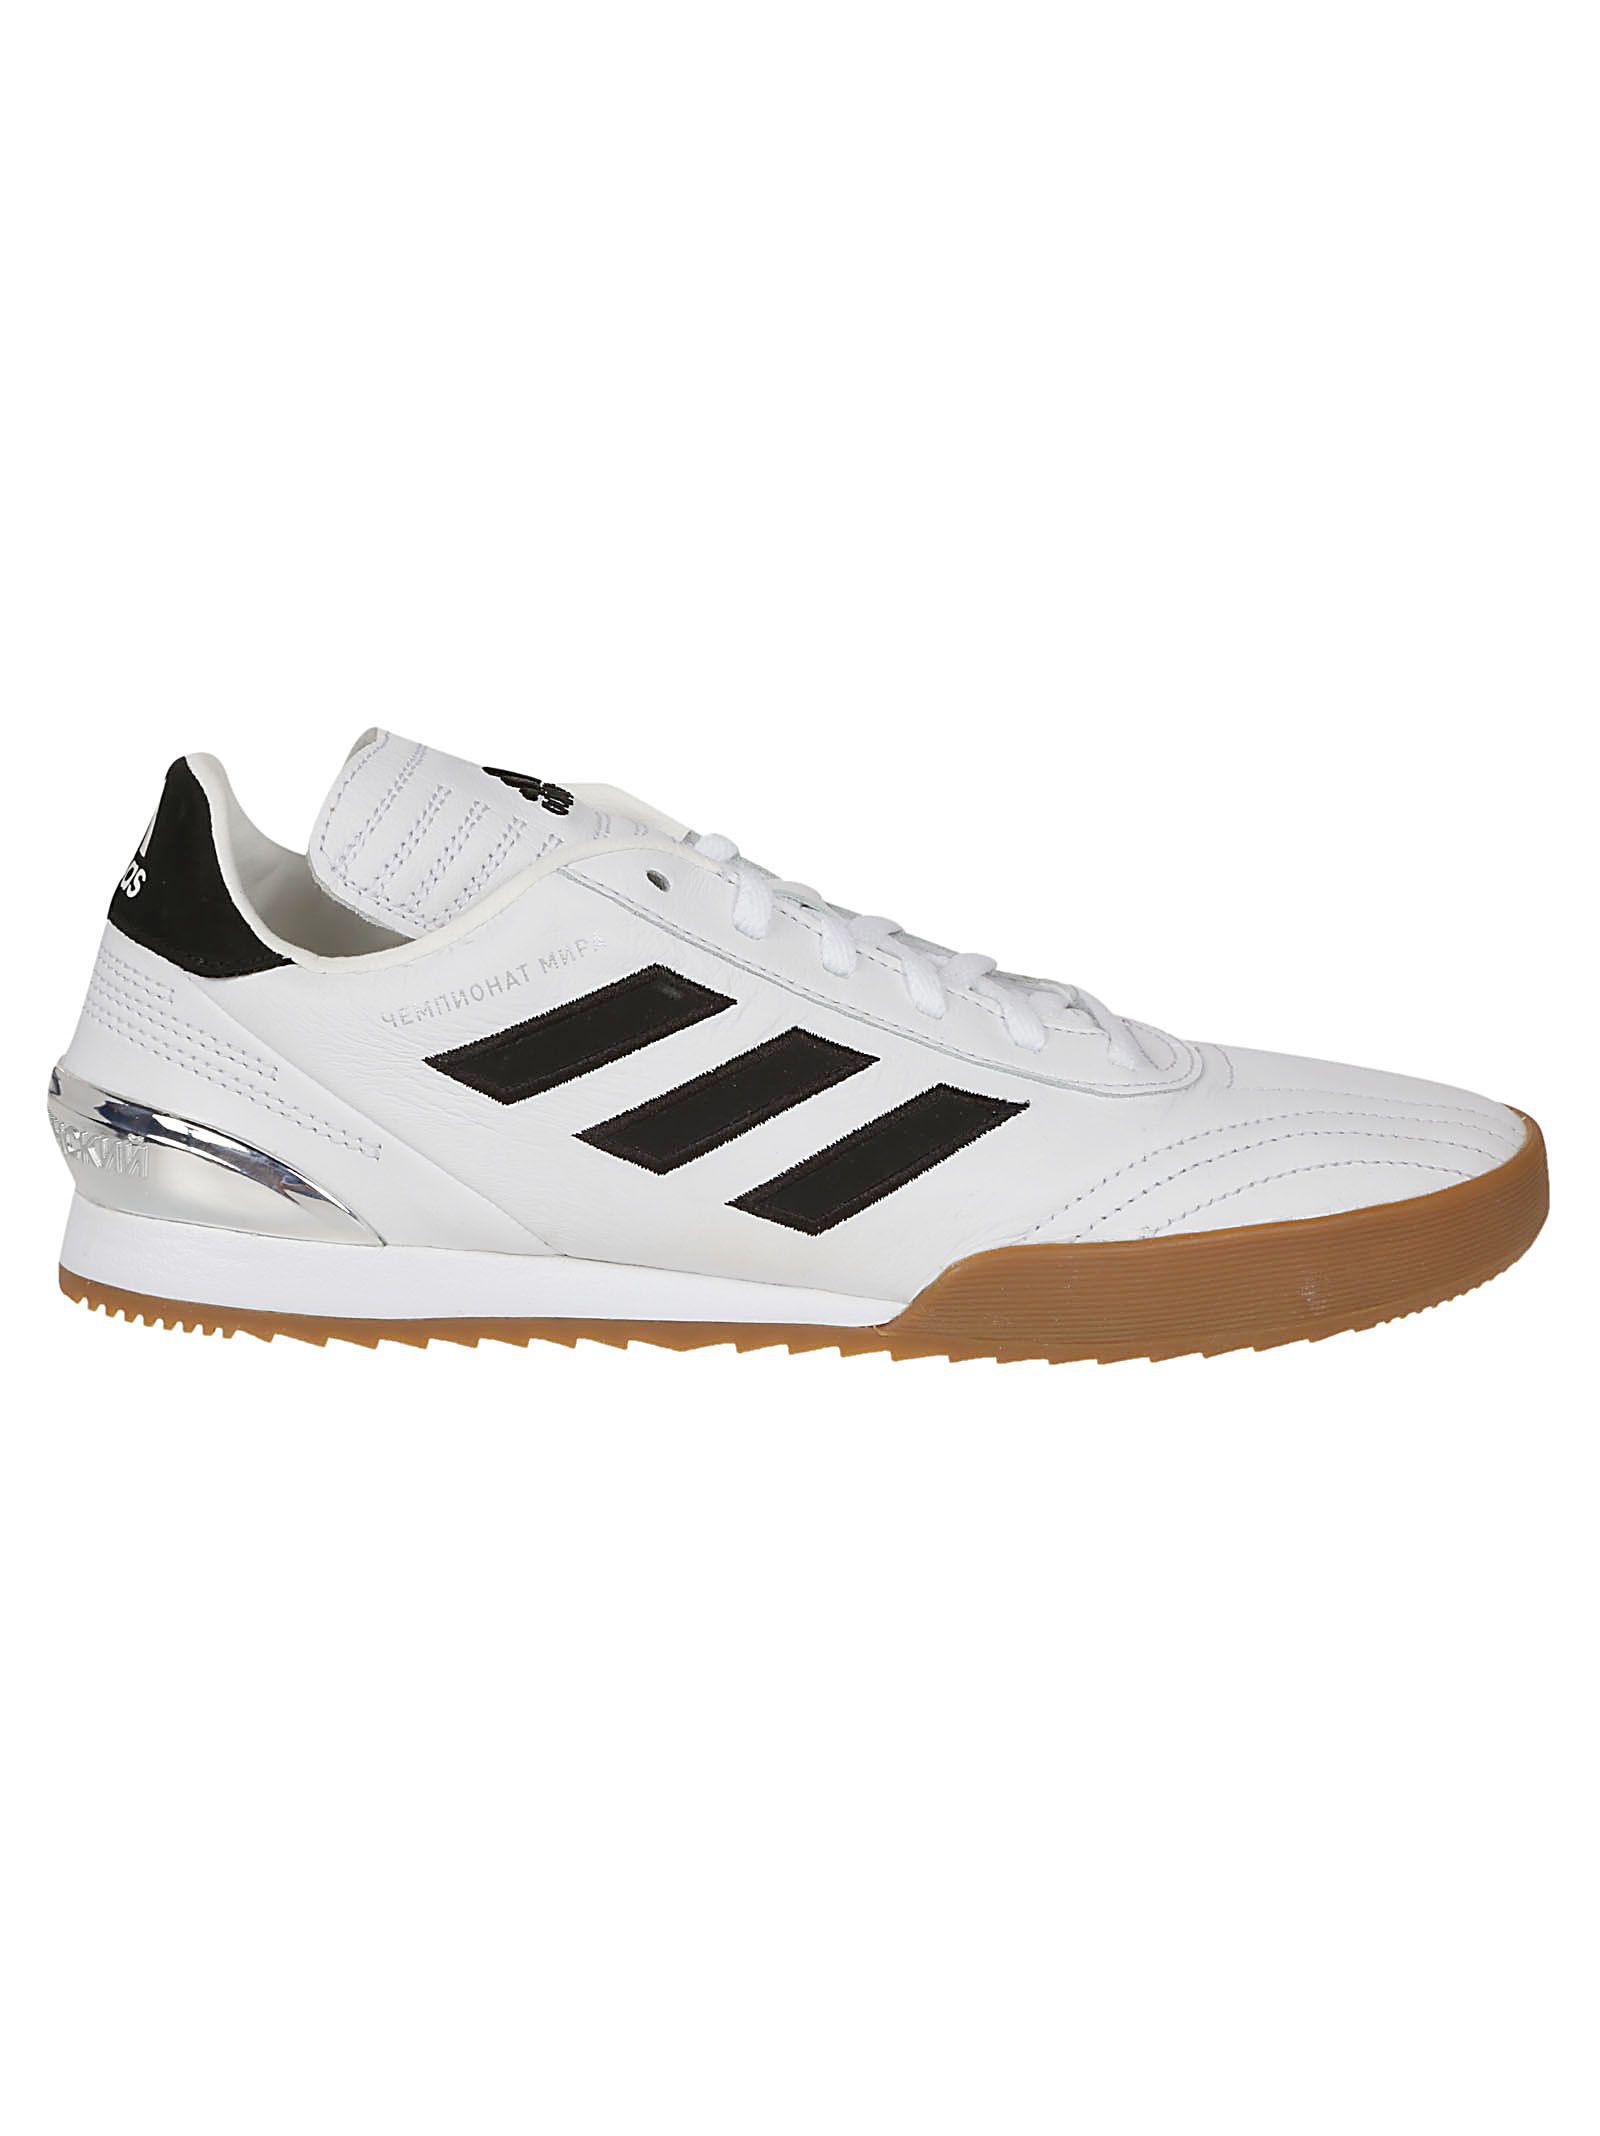 info for 23e2d 693cd Gosha Rubchinskiy White Adidas Originals Edition Gr Copa Wc Super Sneakers